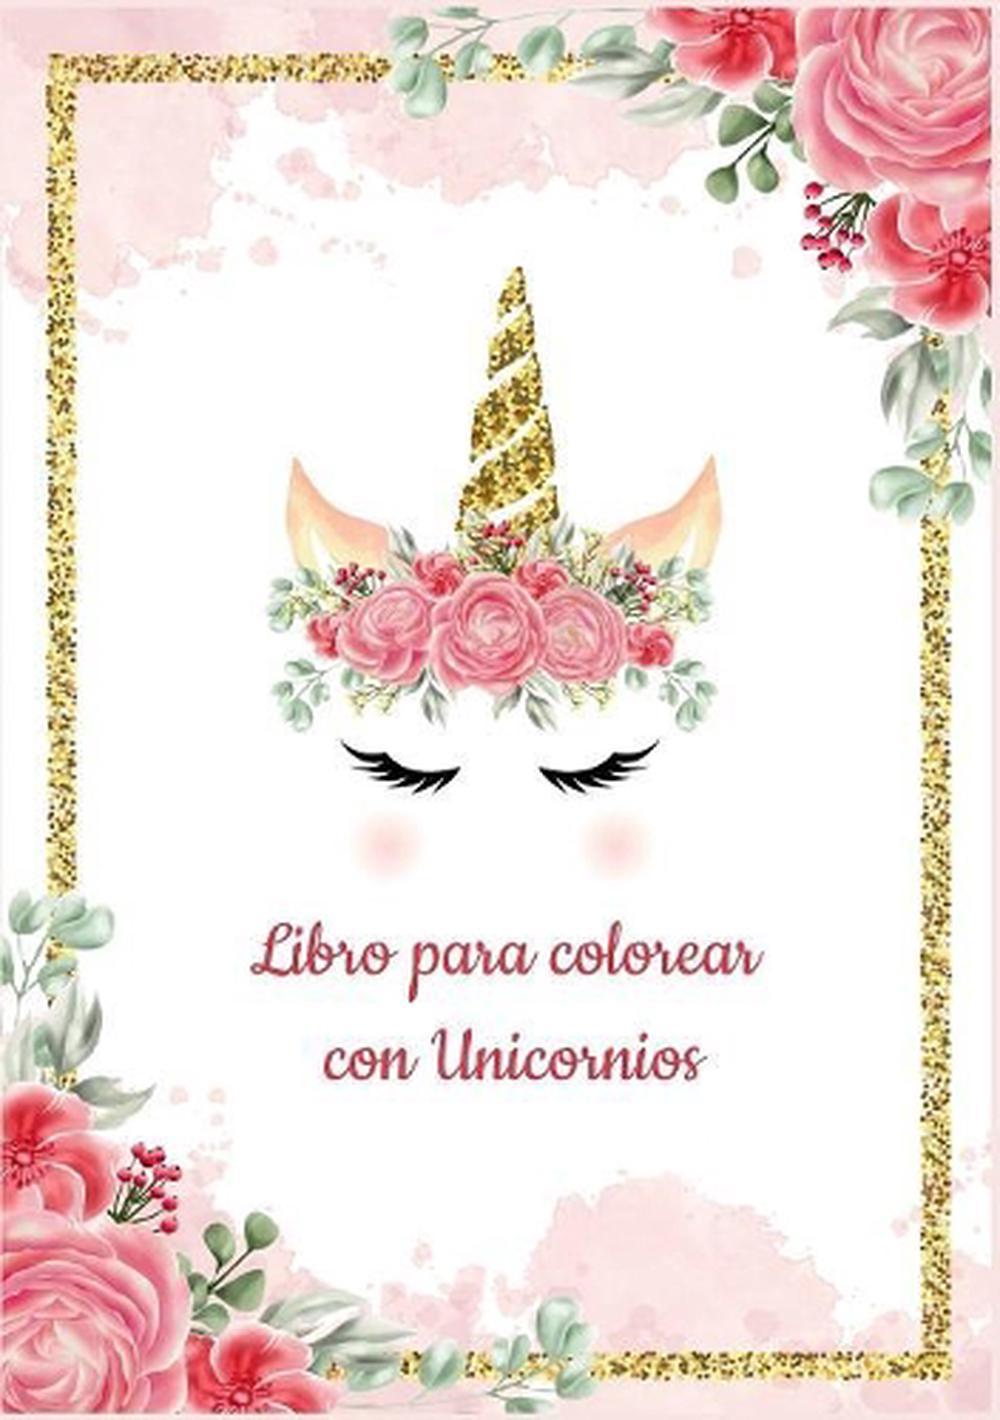 Details About Plantilla De Unicornio Para Colorear Libro Para Colorear Con Unicornios M S